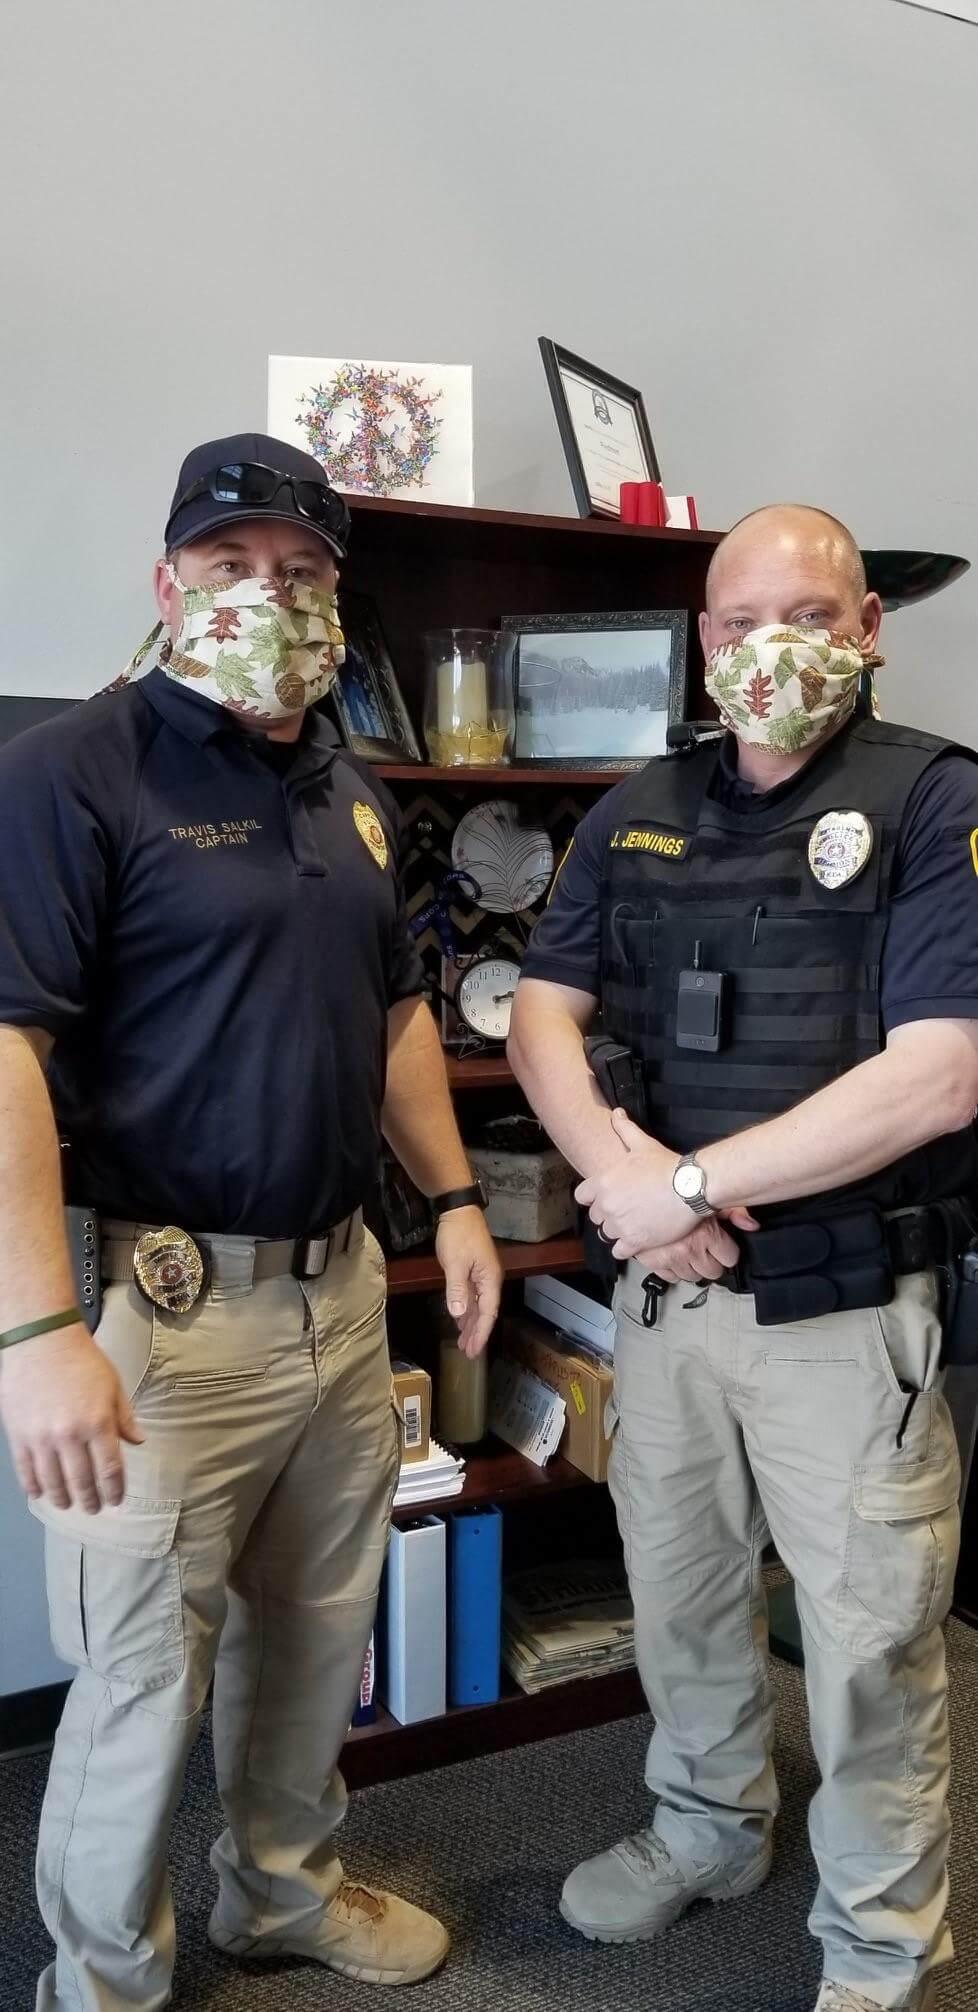 PD masks